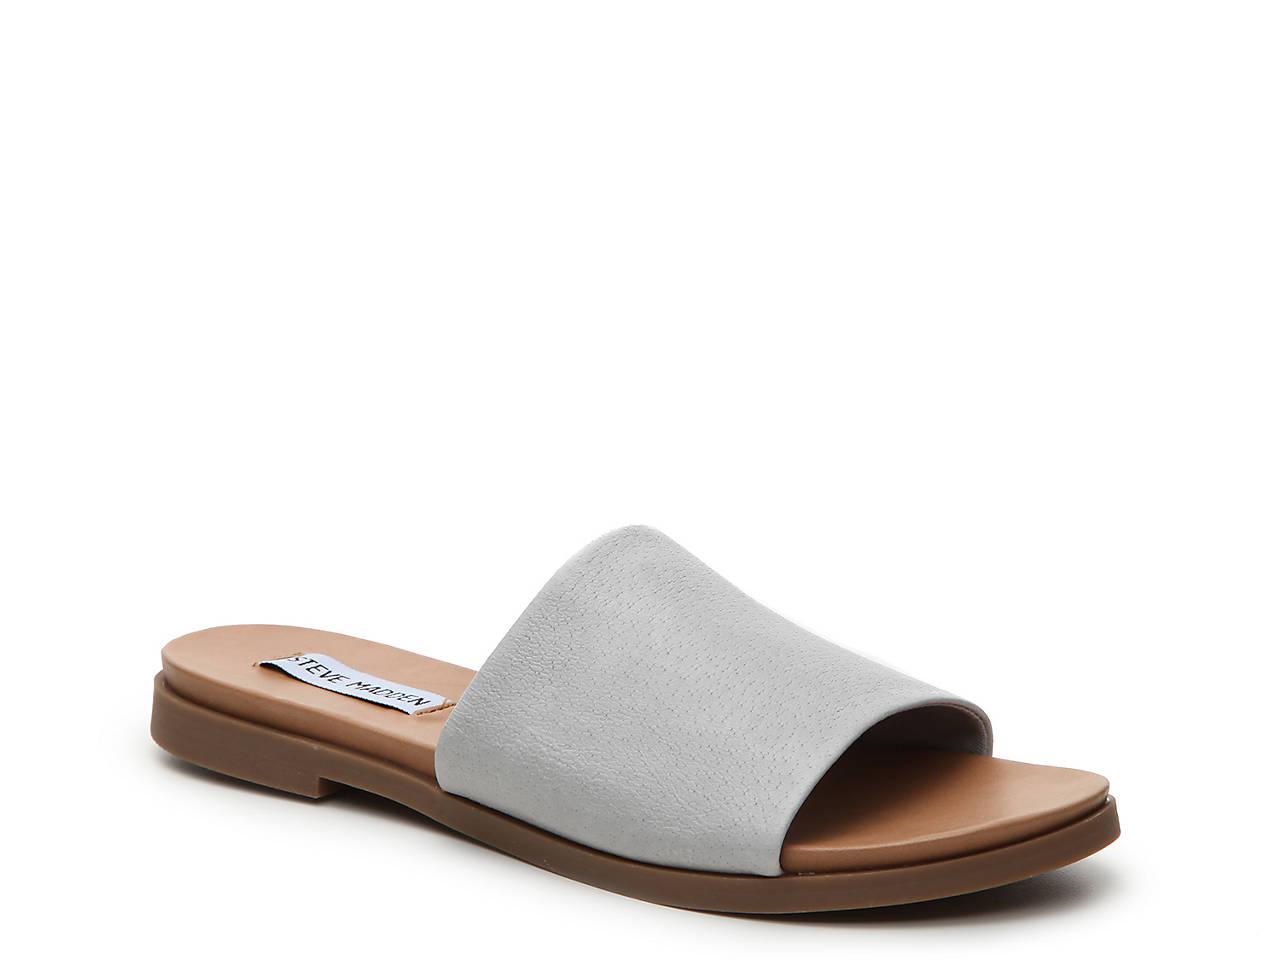 Flat sandals - Flat Sandals 9